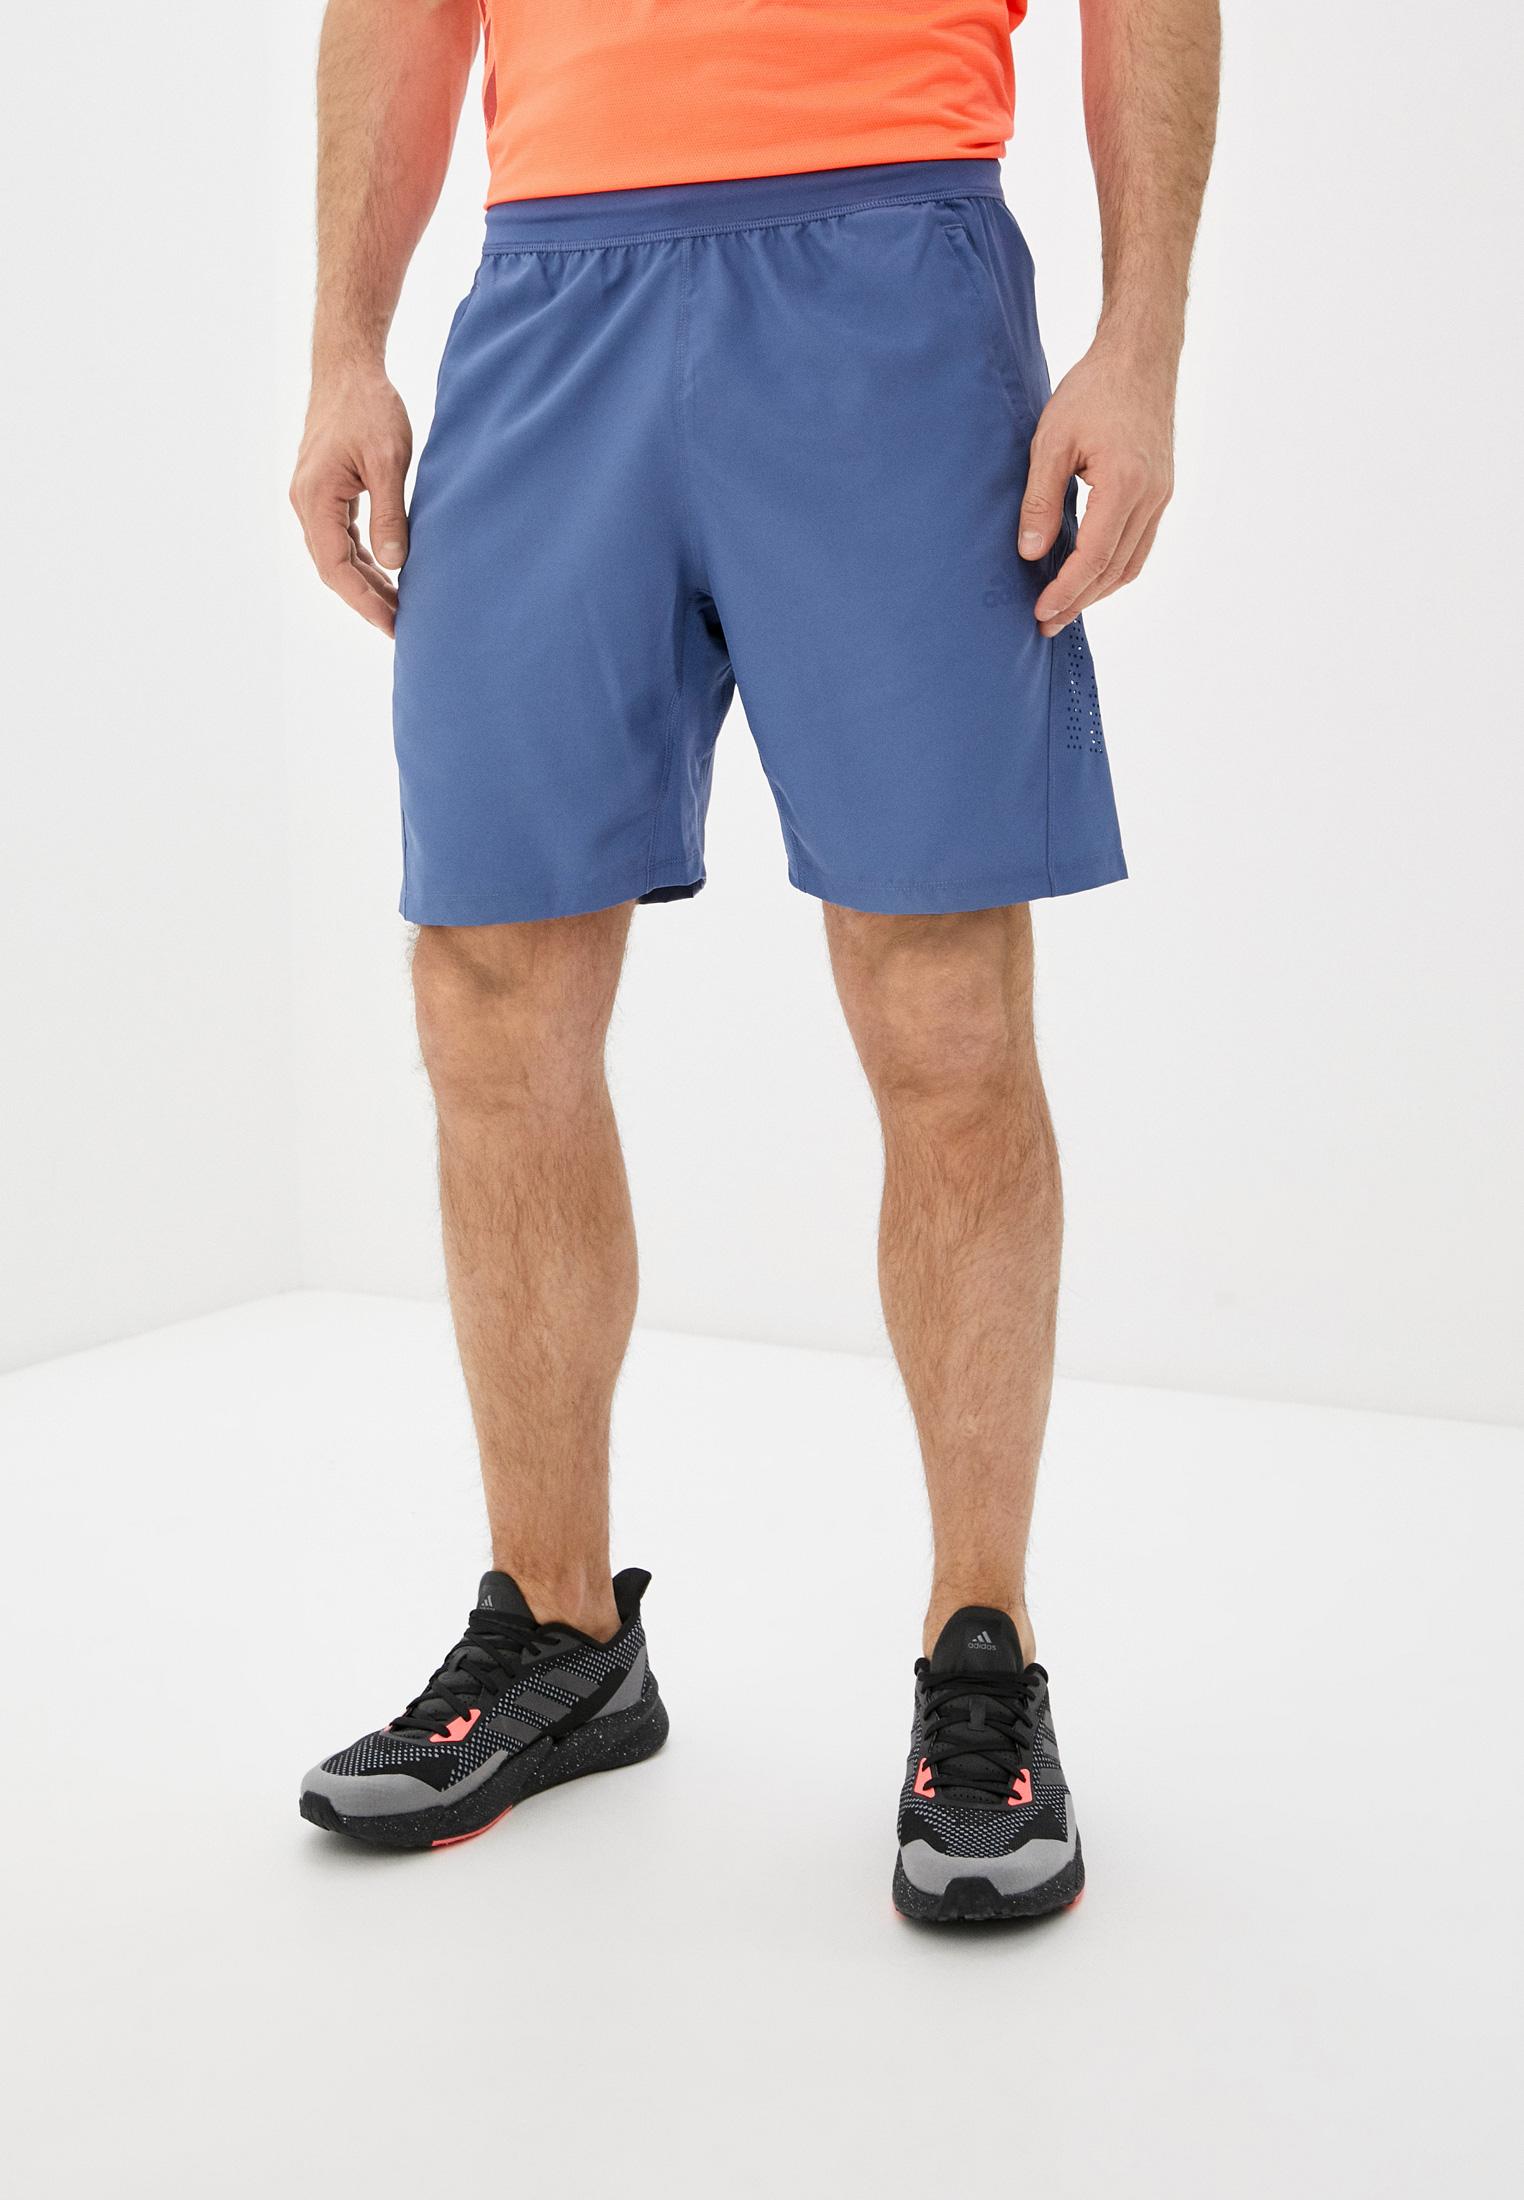 Мужские шорты Adidas (Адидас) Шорты спортивные adidas